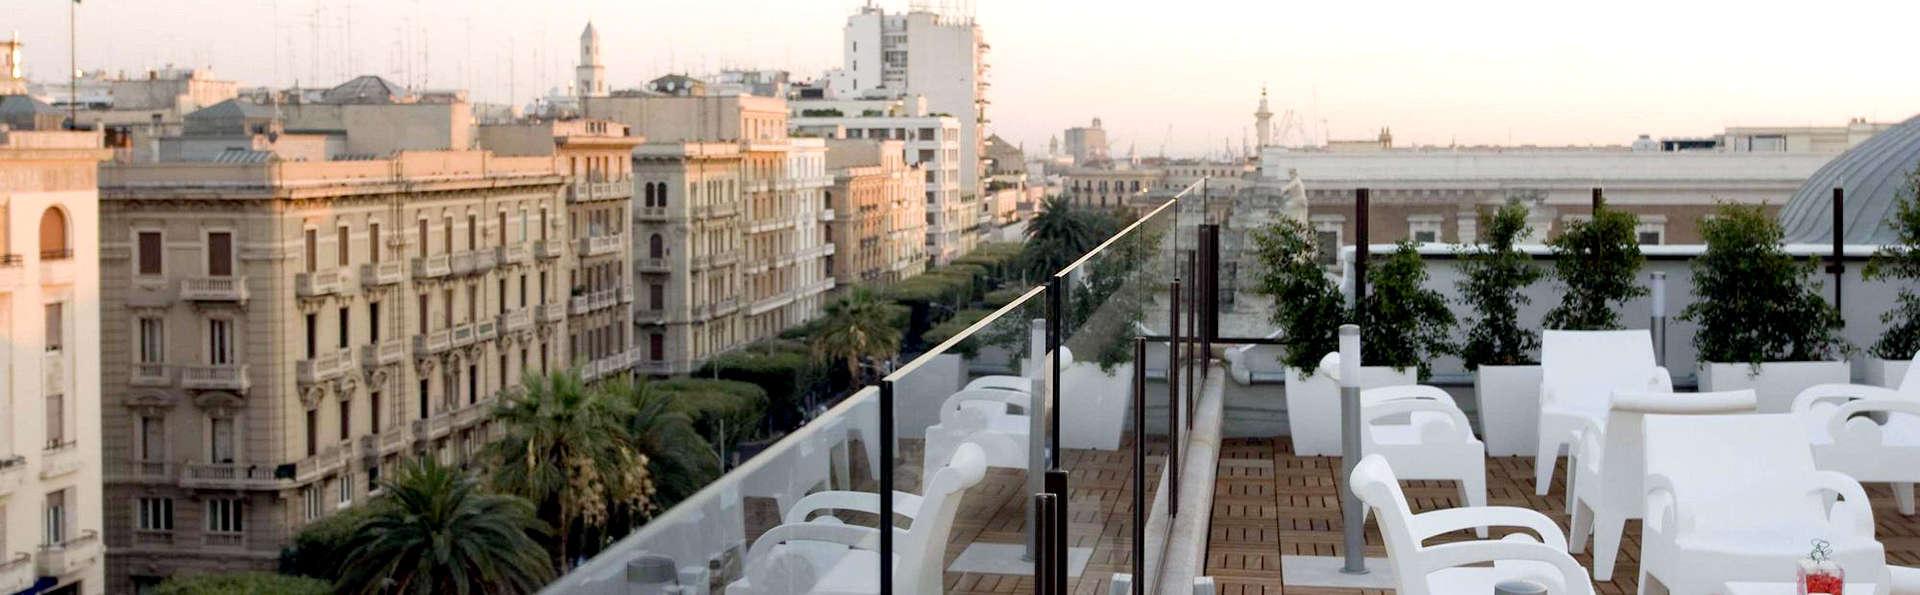 Soggiorno charme in elegante palazzo a due passi dal centro storico di Bari